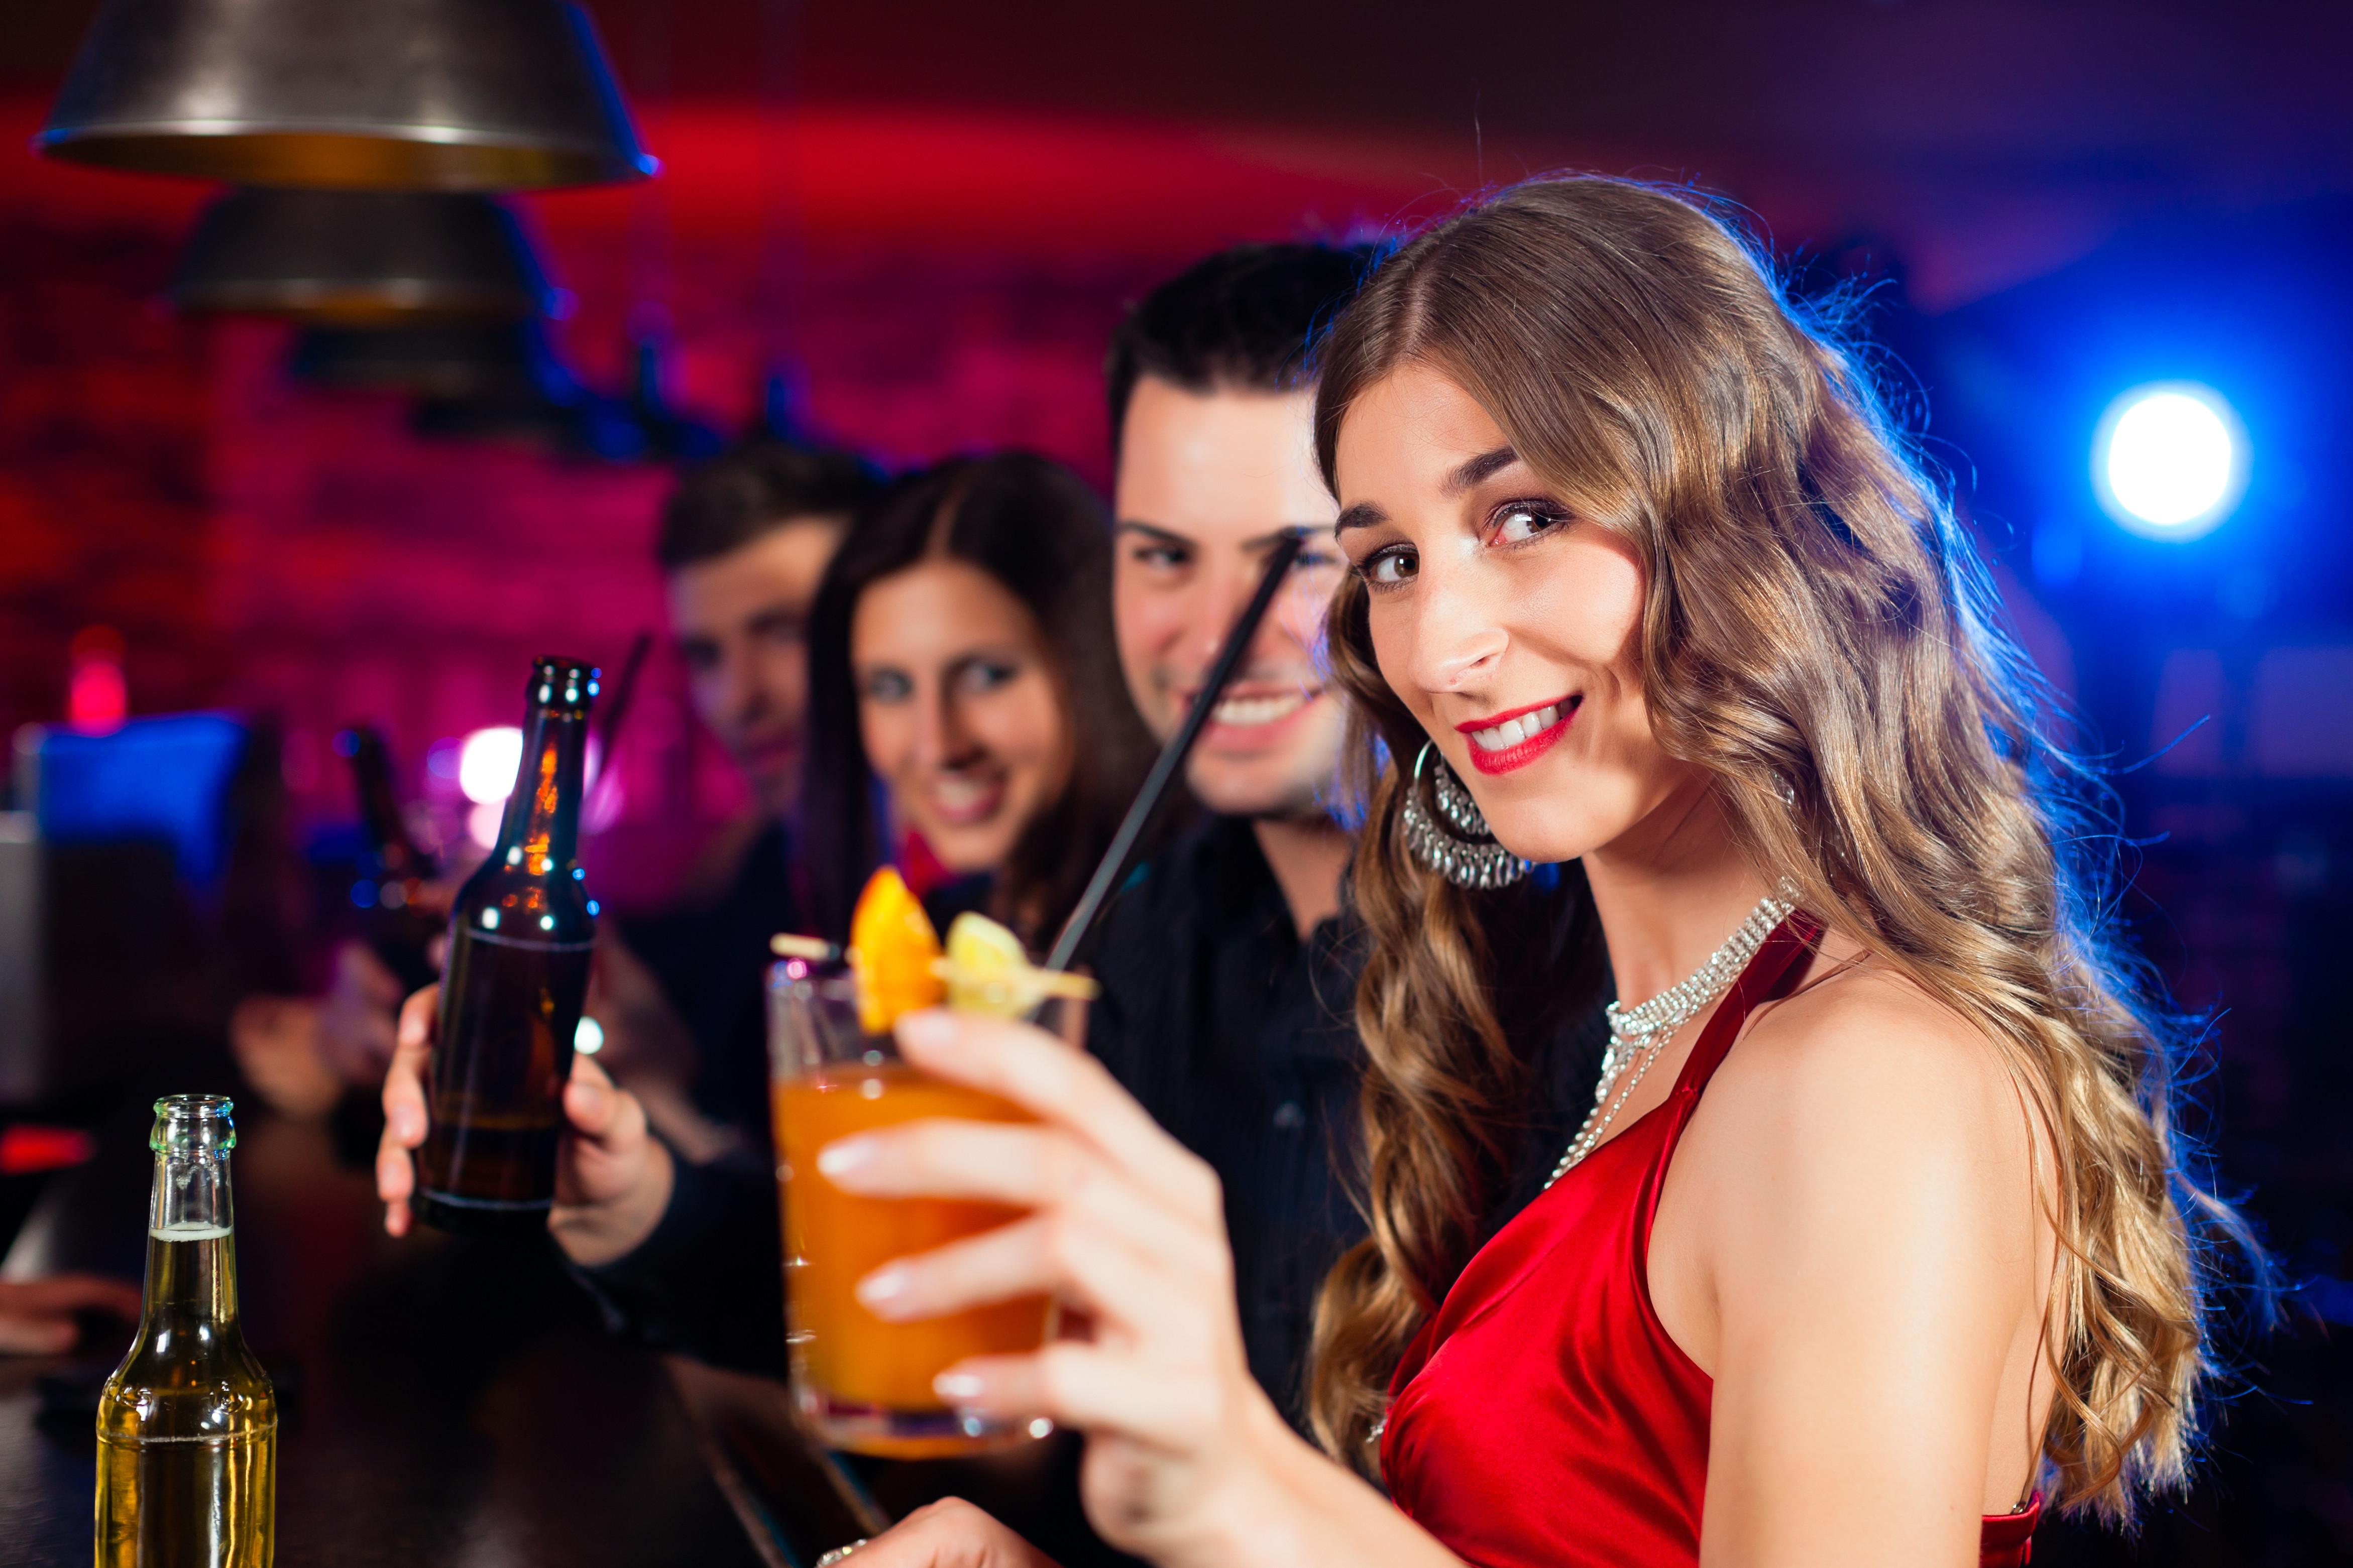 Speed dating über 50 in denver